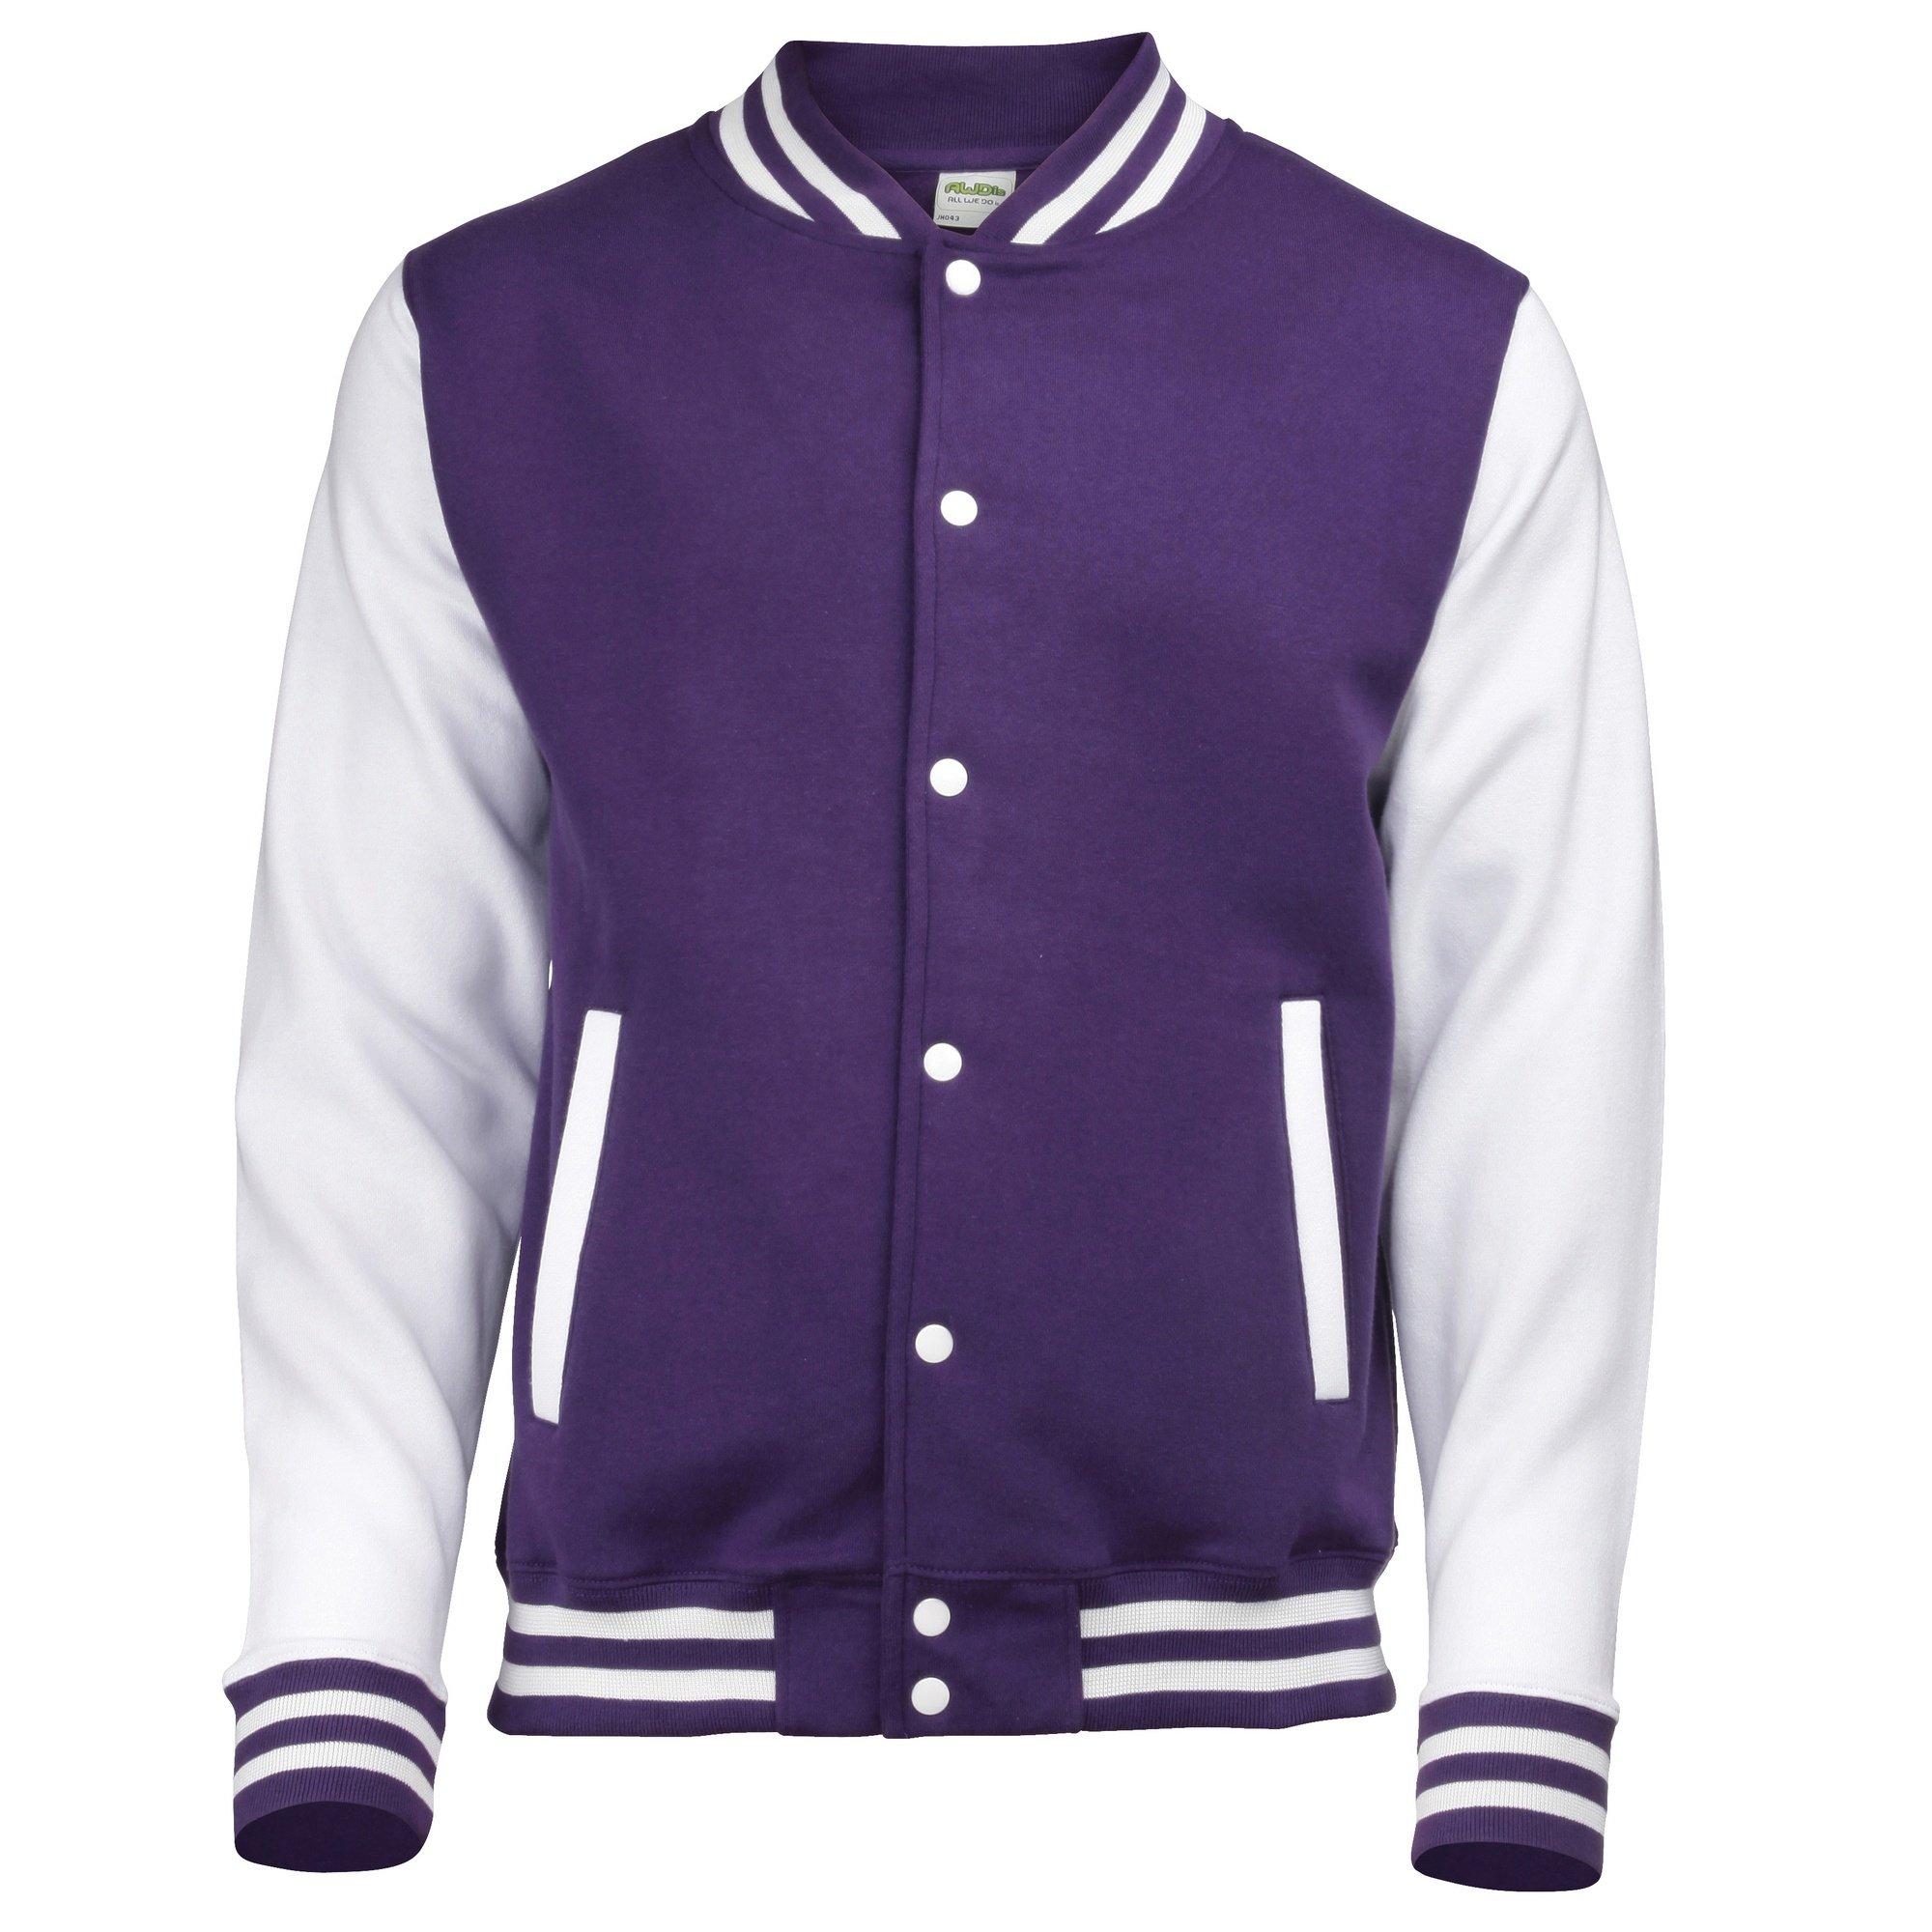 Awdis Unisex Varsity Jacket (XL) (Purple/White) by Awdis